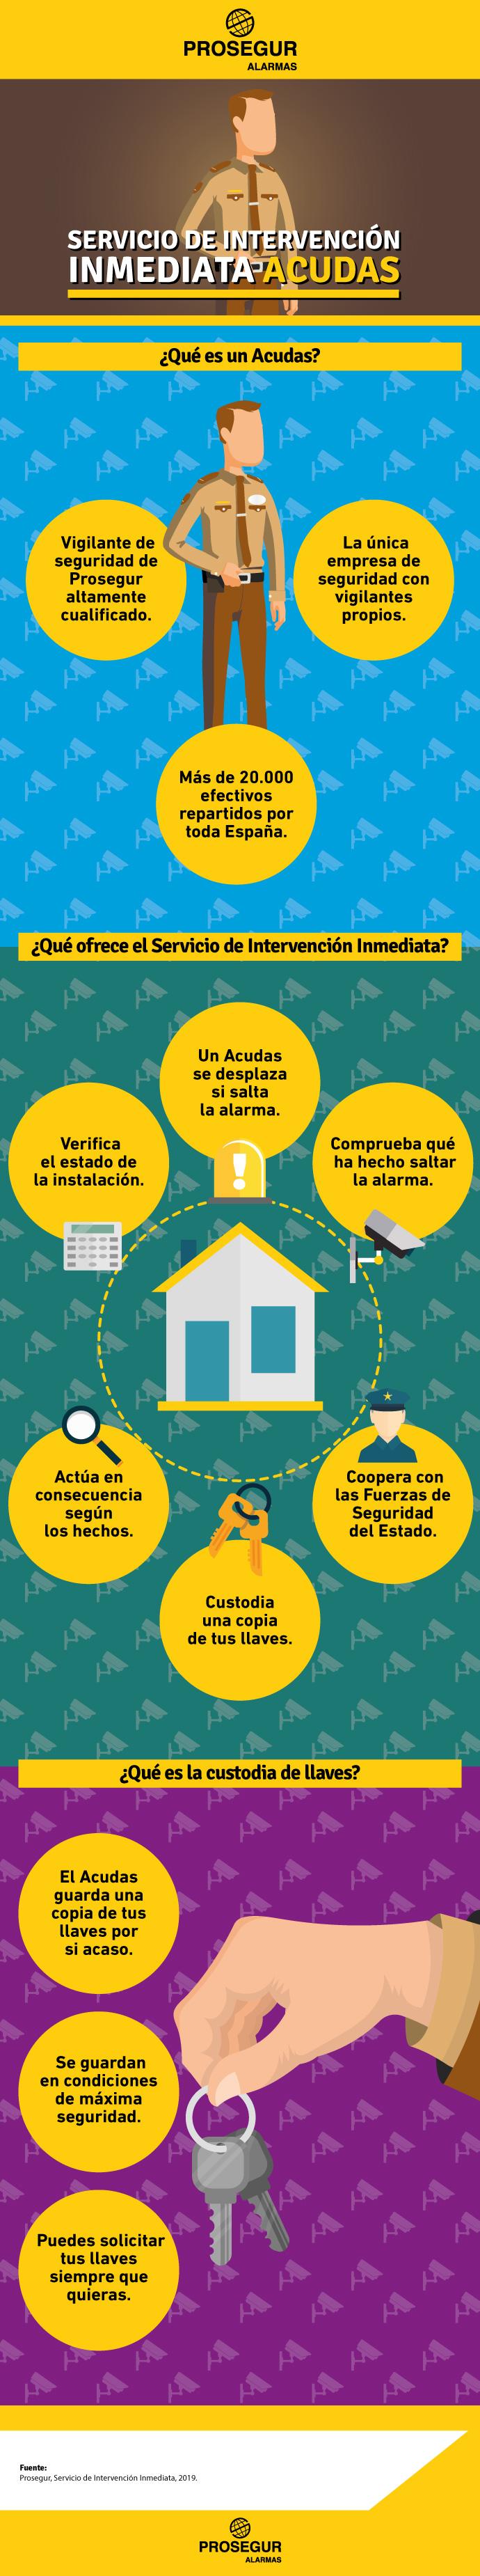 ¿Cuáles son las funciones del Servicio de Intervención Inmediata Acudas? - Blog Prosegur